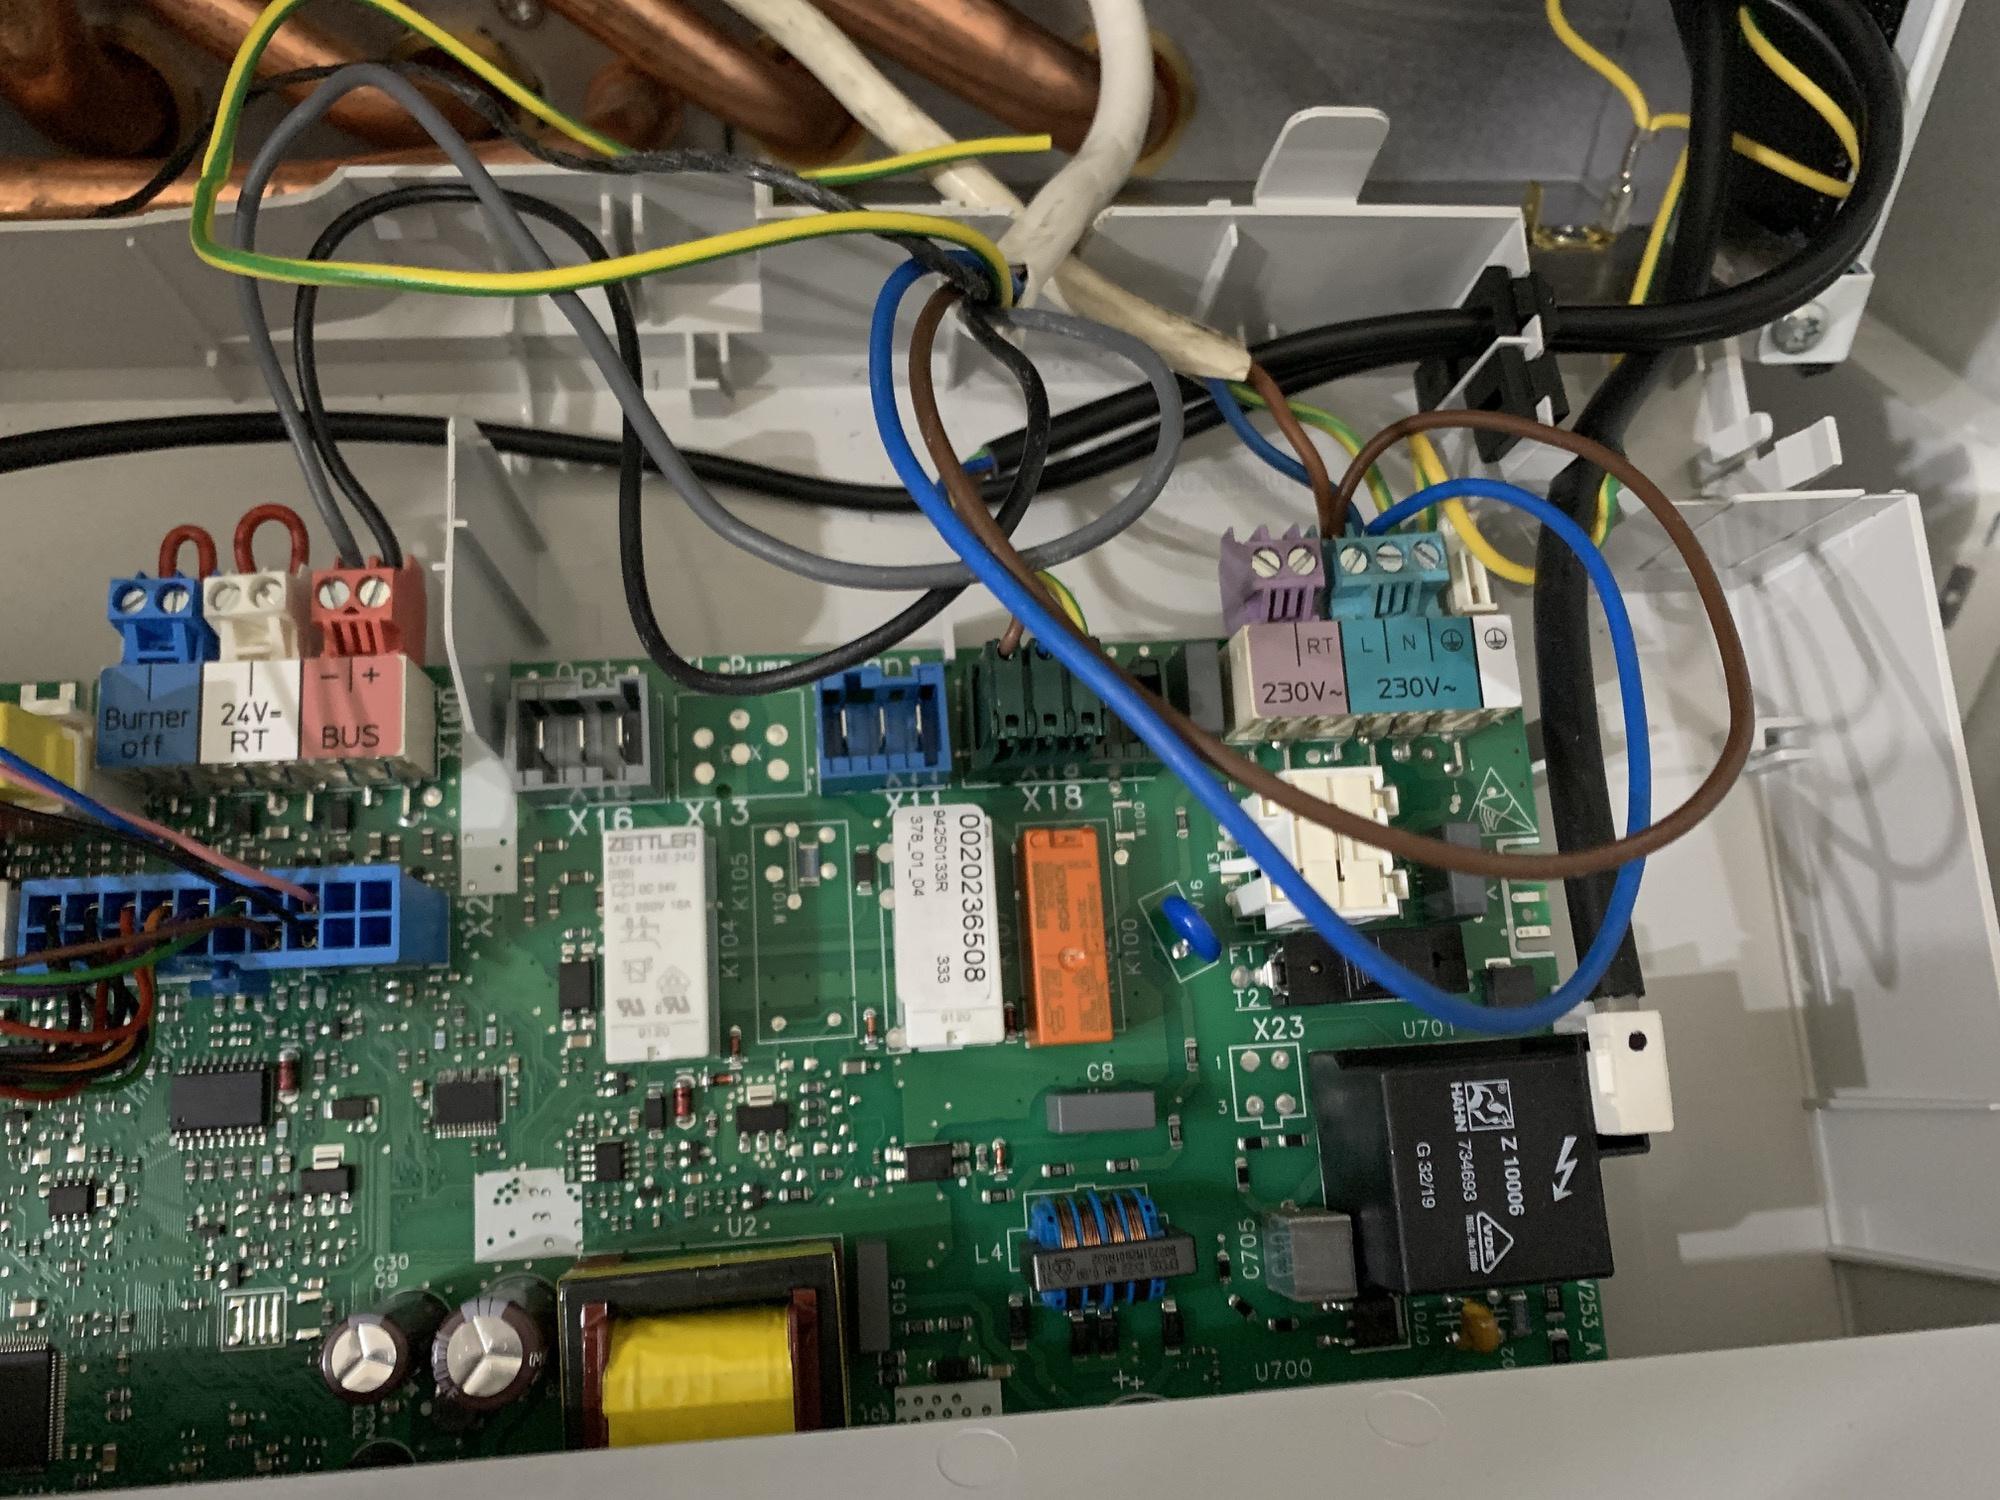 66C6012E-61BC-4714-A089-9DF314868AA7-2000.jpg